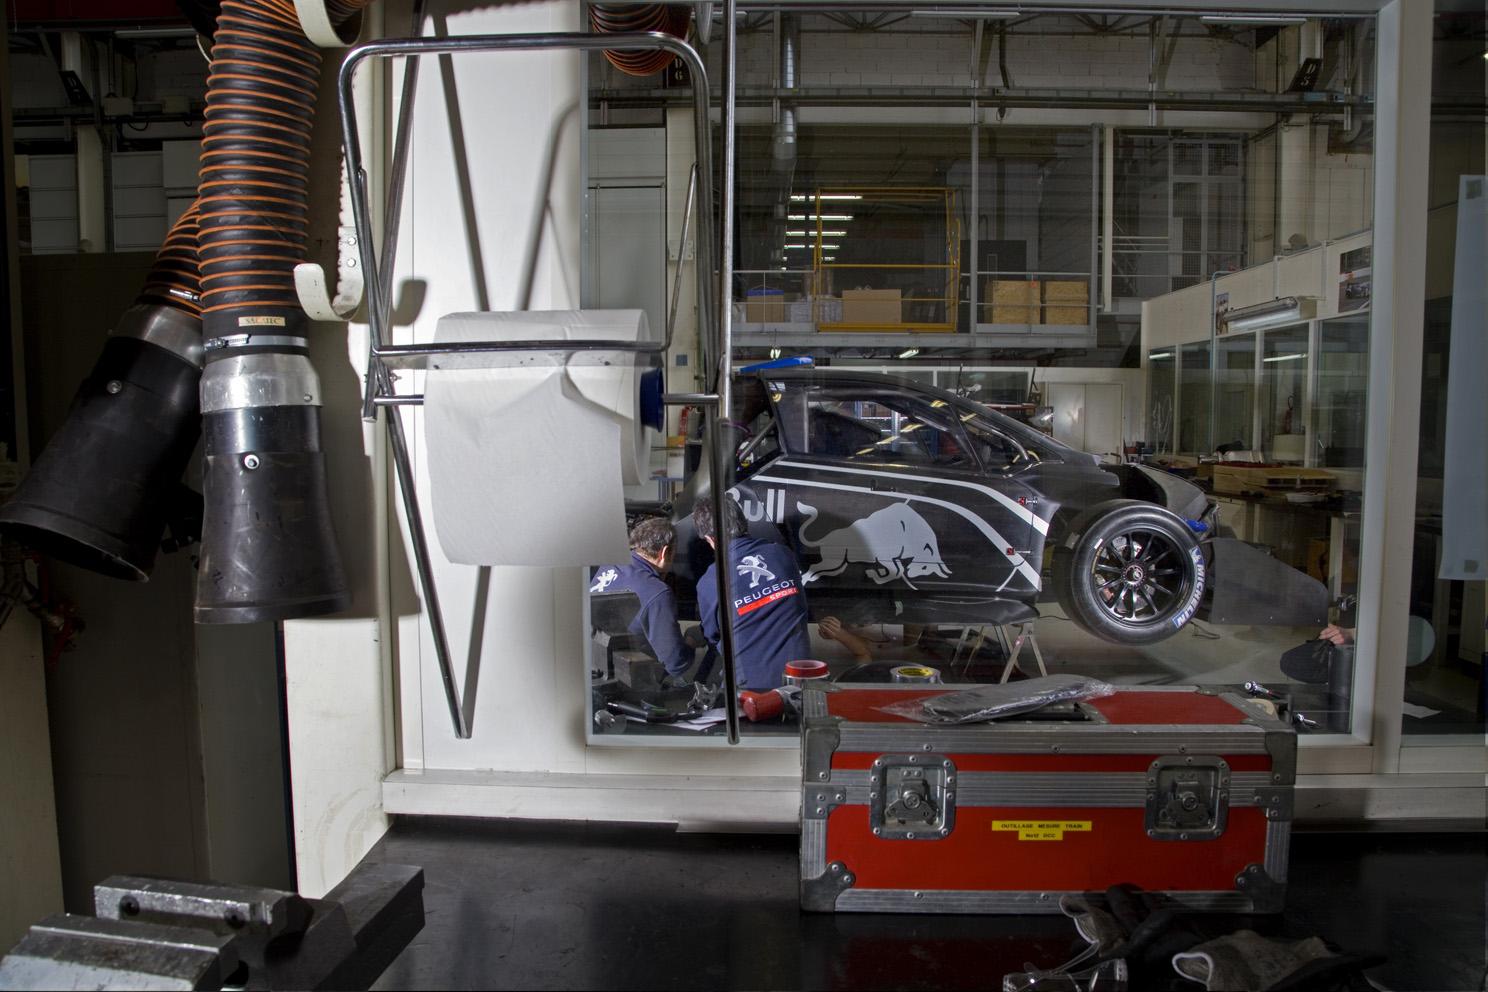 Sebastien Loeb's record breaking Red Bull, Peugeot 208, Pikes Peak racing car